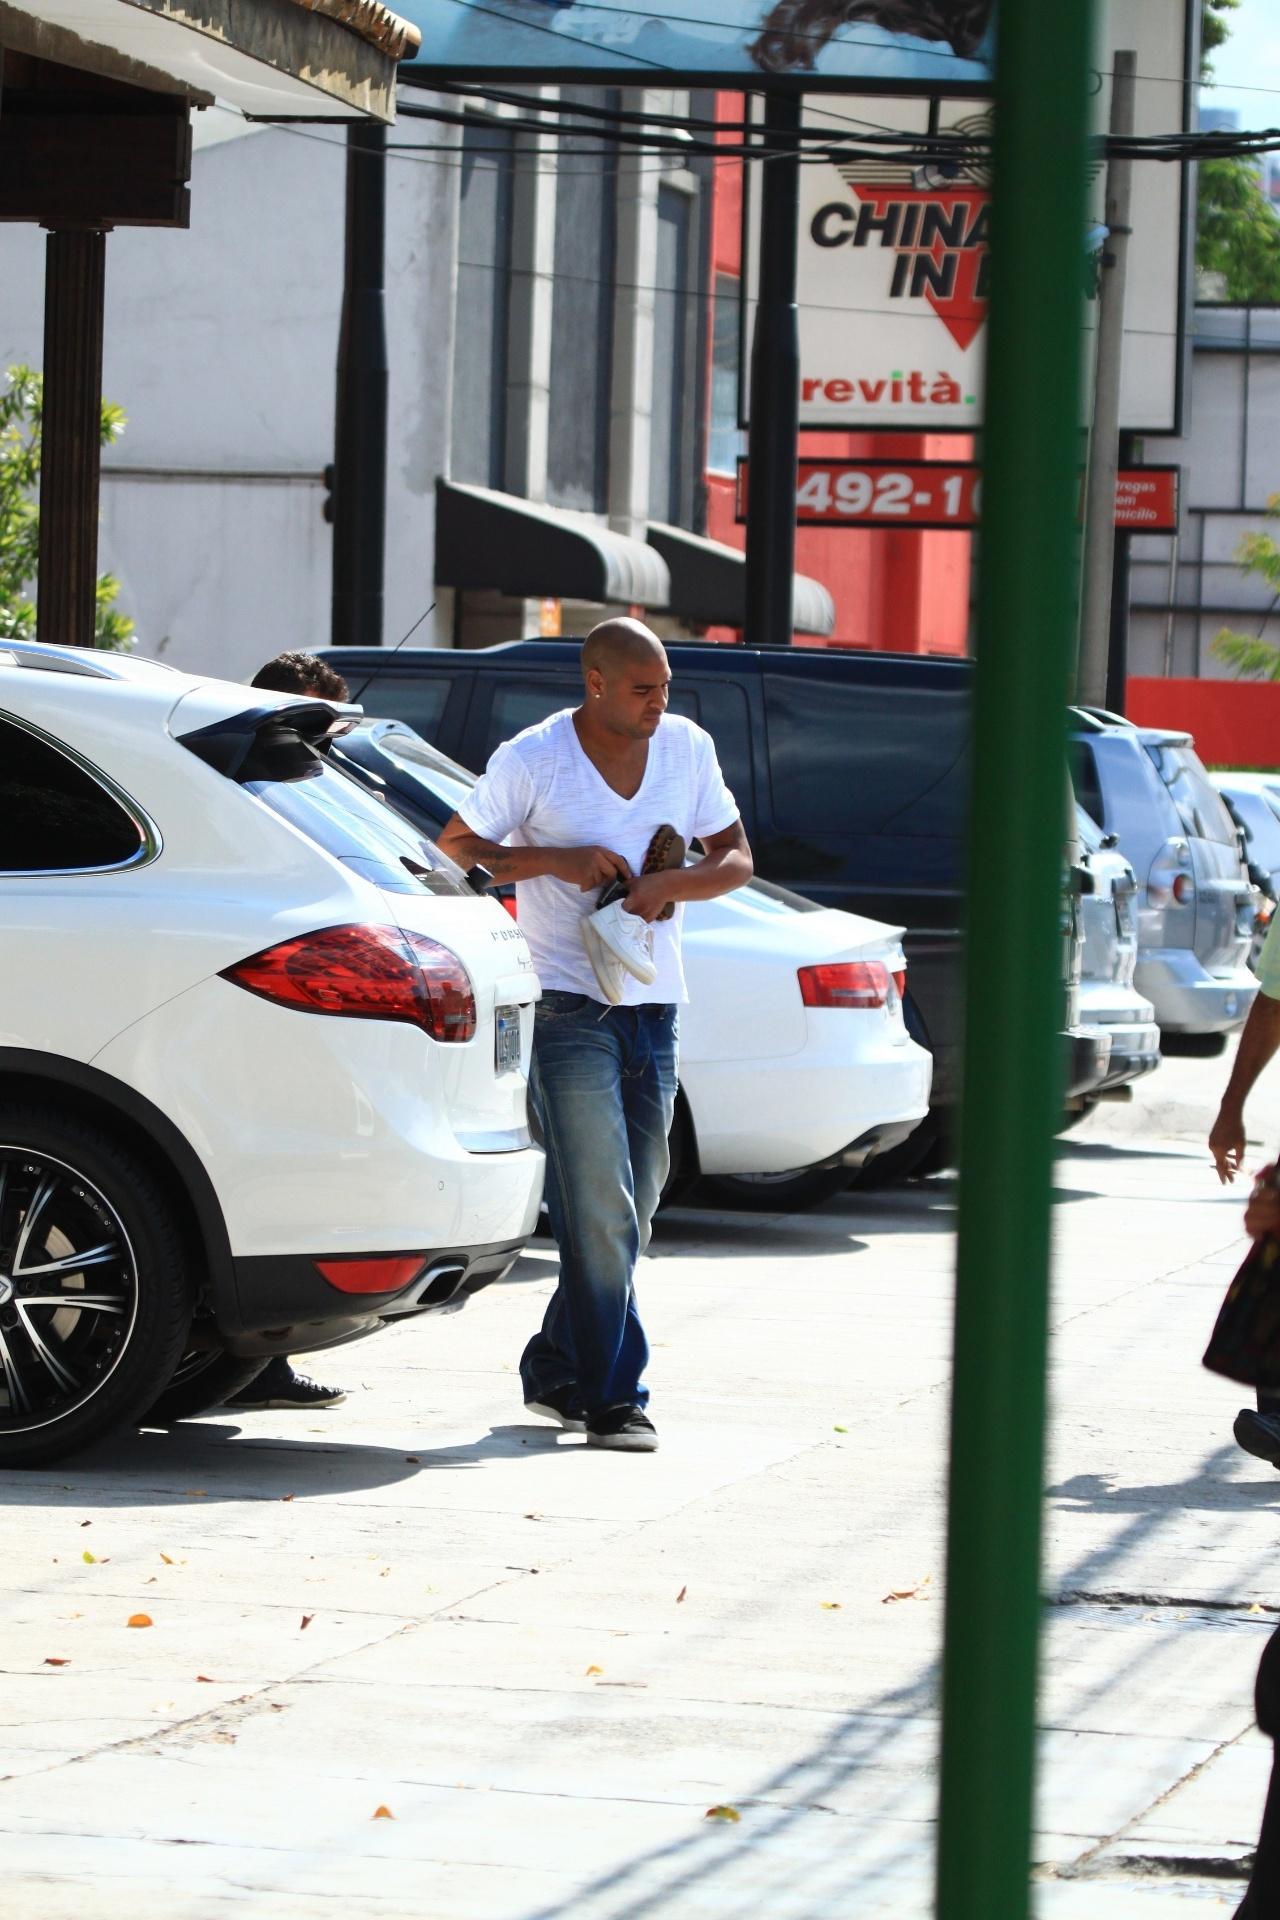 Adriano chega de carro à churrascaria na Barra da Tijuca